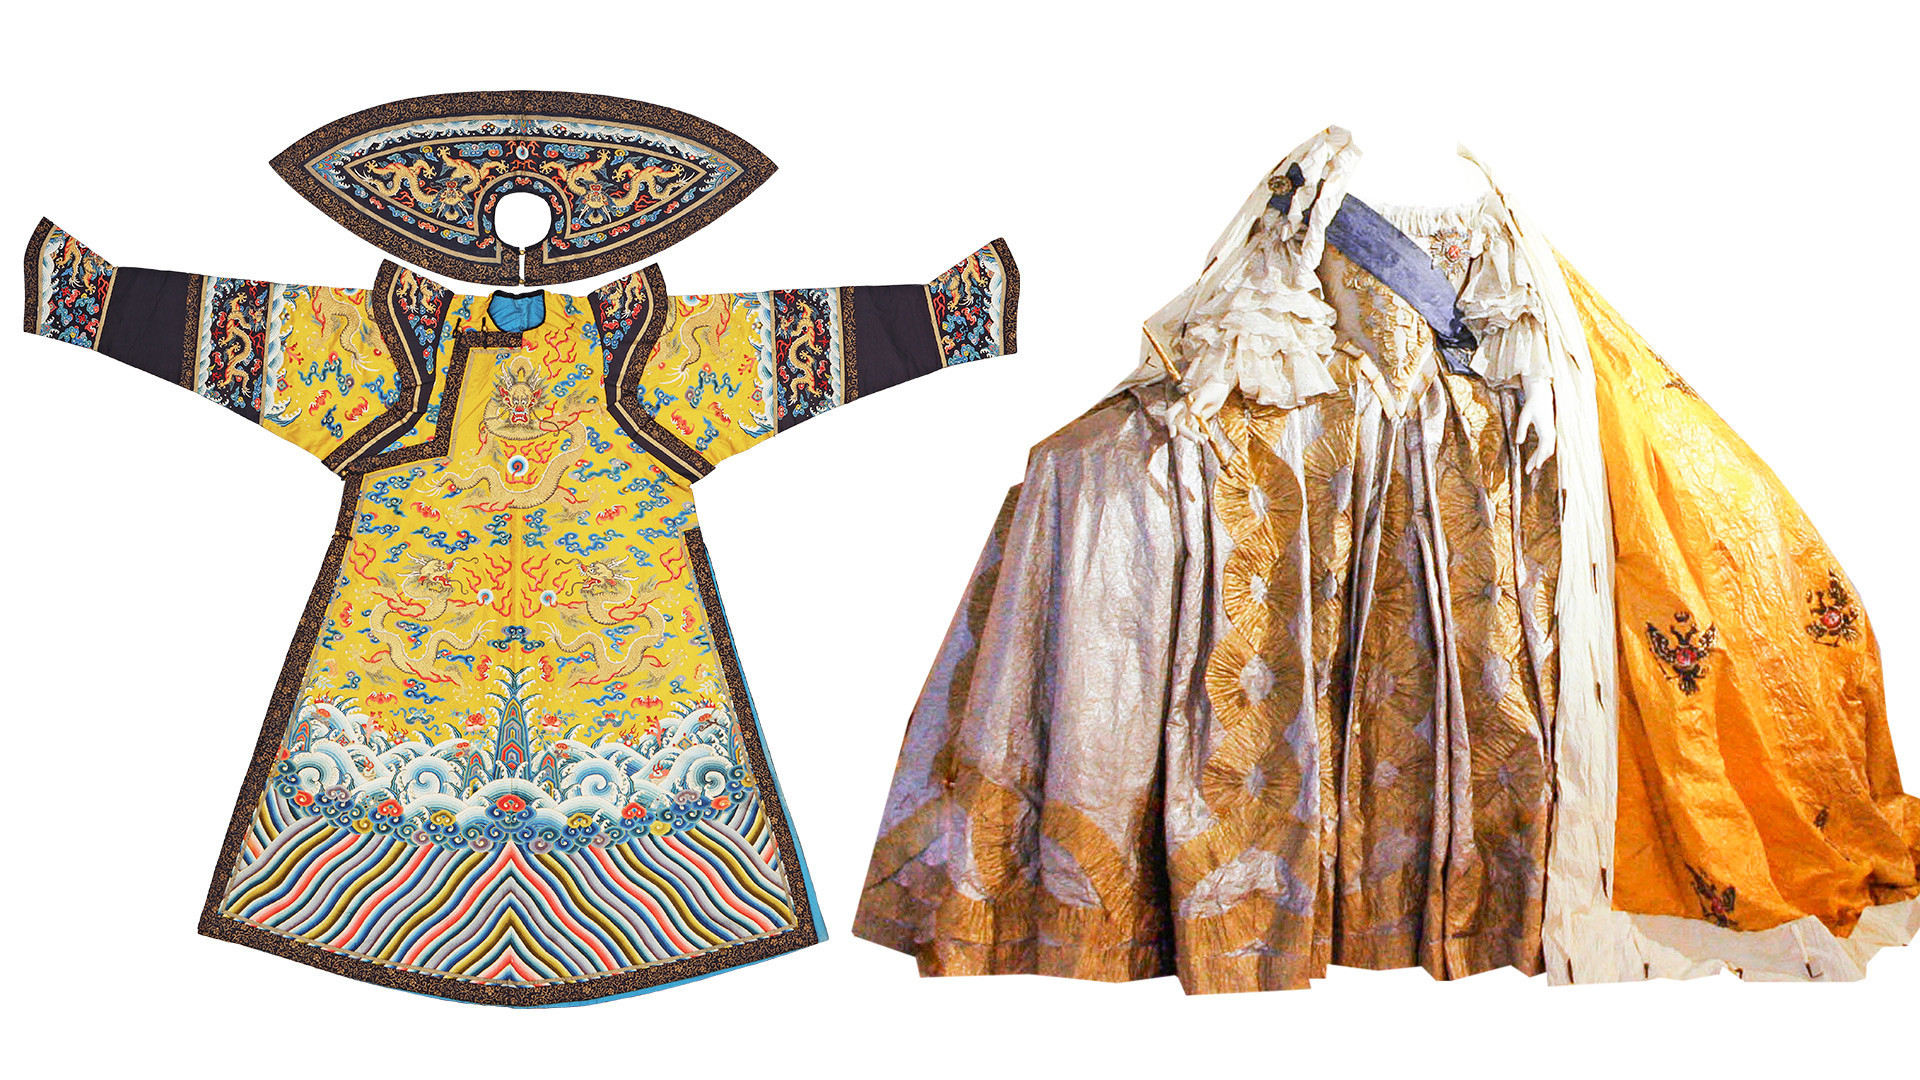 Лево: Свечена облека на царицата/Династија Ќинг, владеење на Чиенлинг (1736-1796). Десно: Фустан од крунисување (најверојатно на Елисавета Петровна)